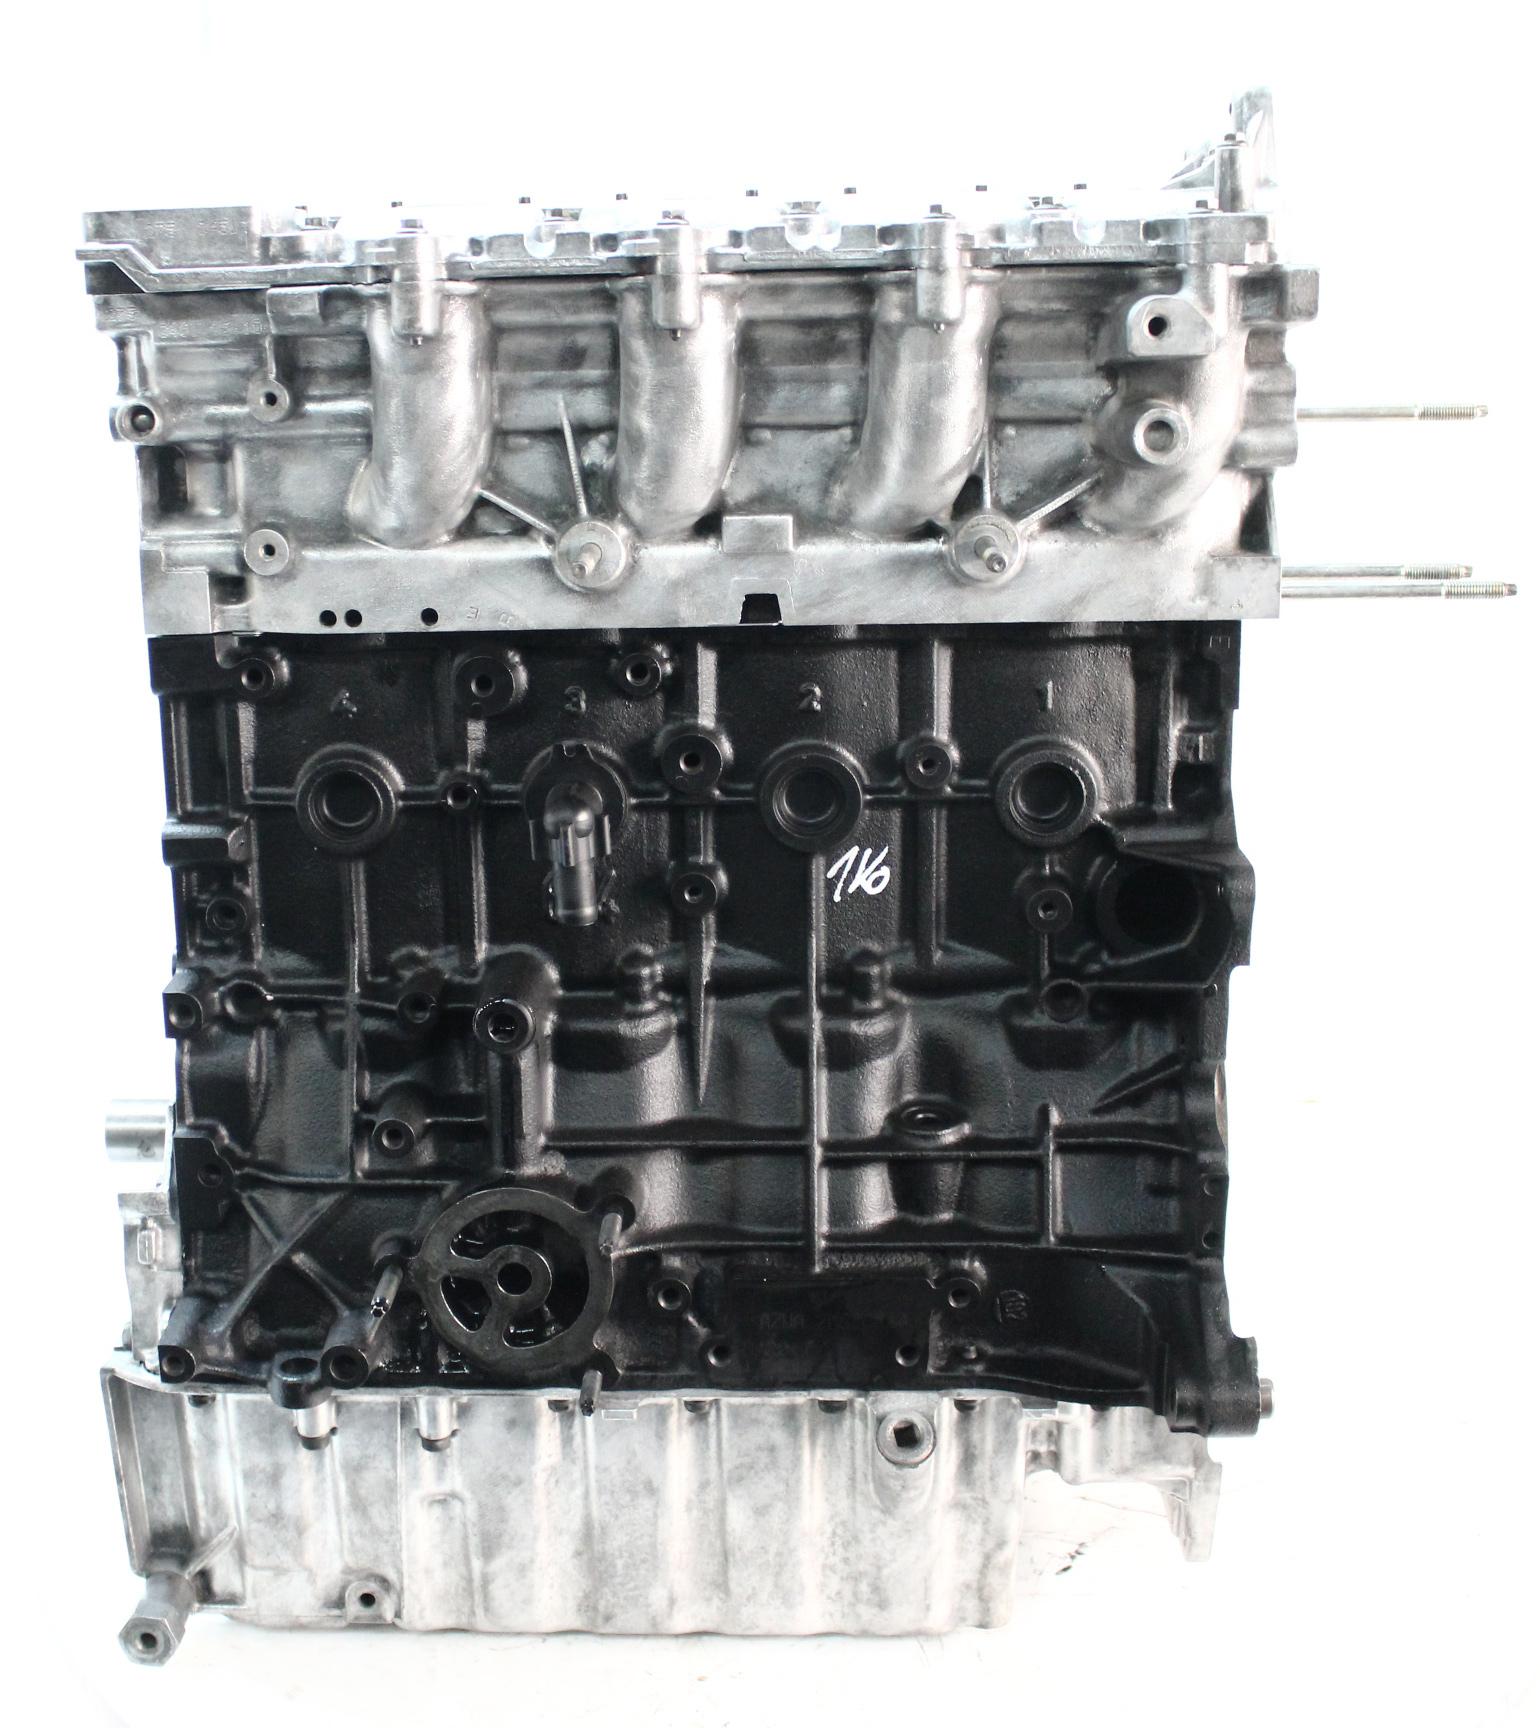 Motor 2008 Ford Galaxy 2,0 TDCi AZWA RHR Kopf geplant Neue Zylinderkopfdichtung